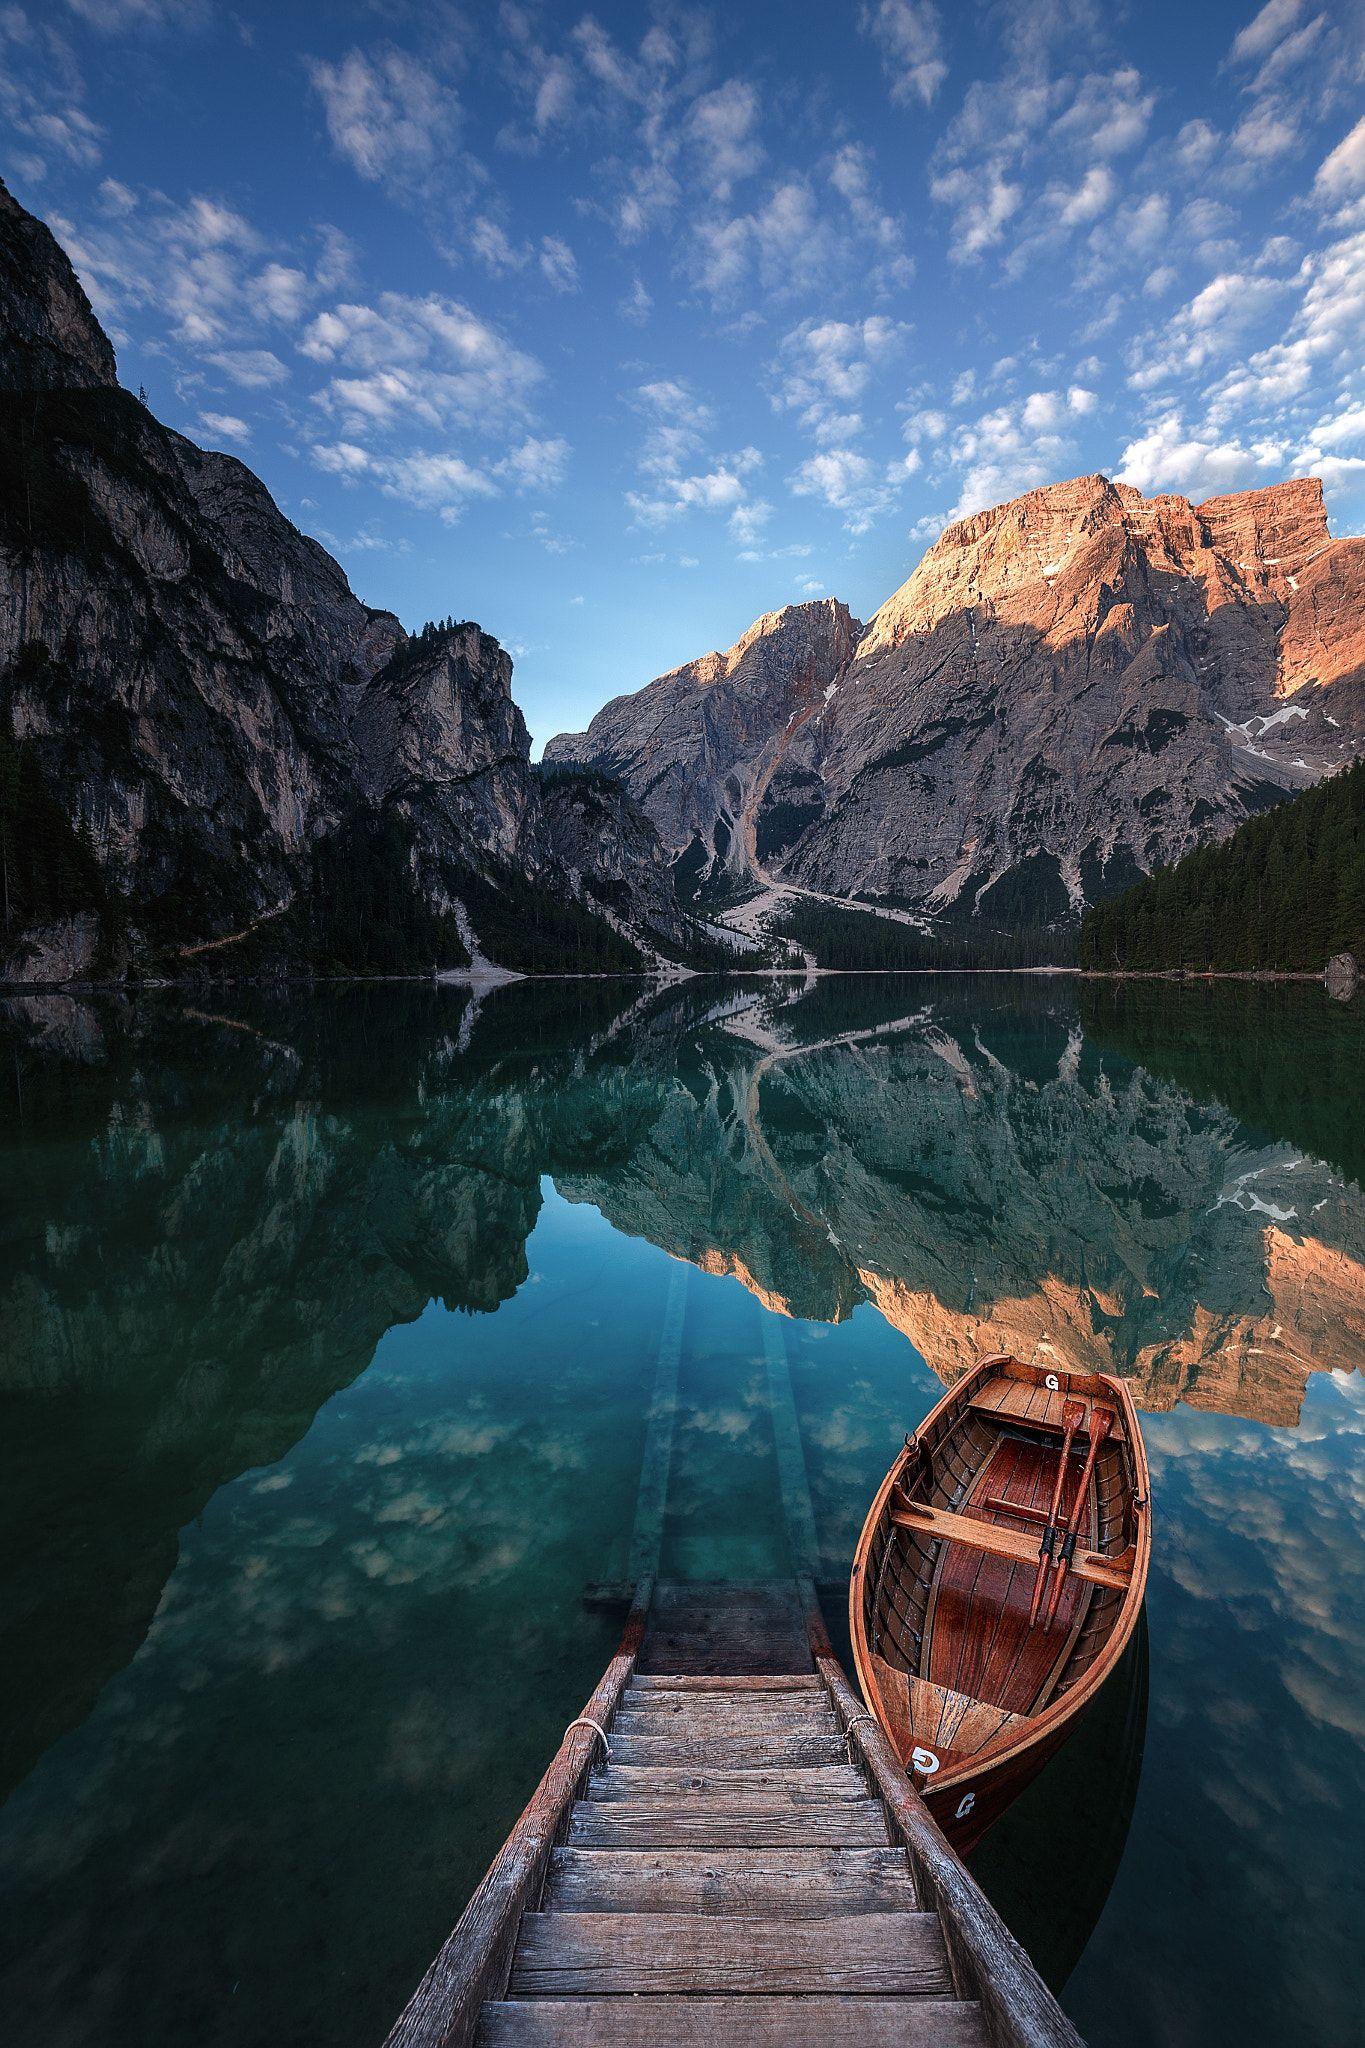 The Pragser Wildsee, or Lake Prags, Lake Braies (Italian ...